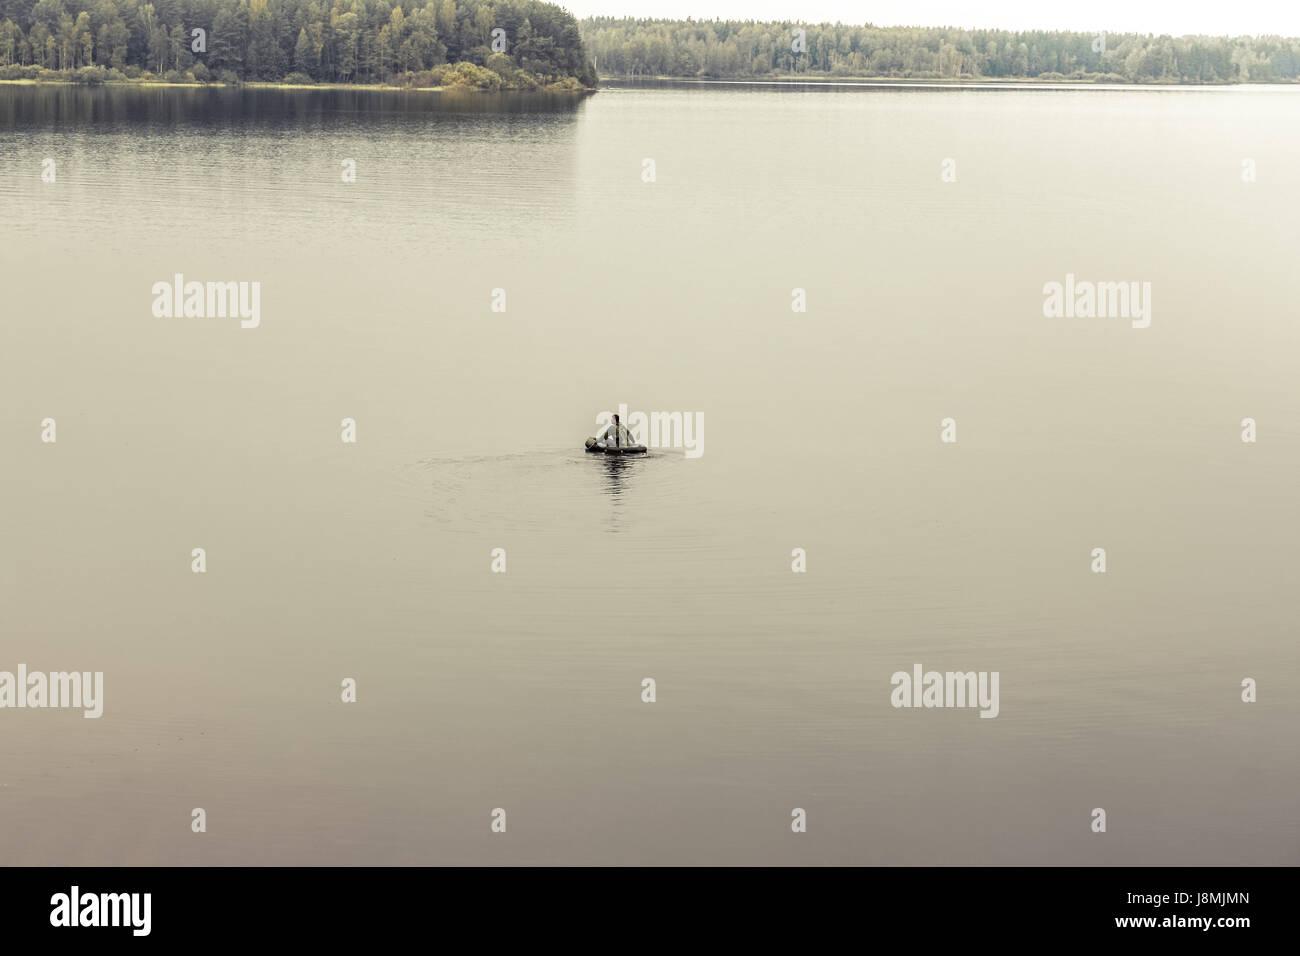 Mann im Boot in der Mitte des weiten der ruhigen See zu erkunden. Als Symbol für Einsamkeit und die Suche Stockbild